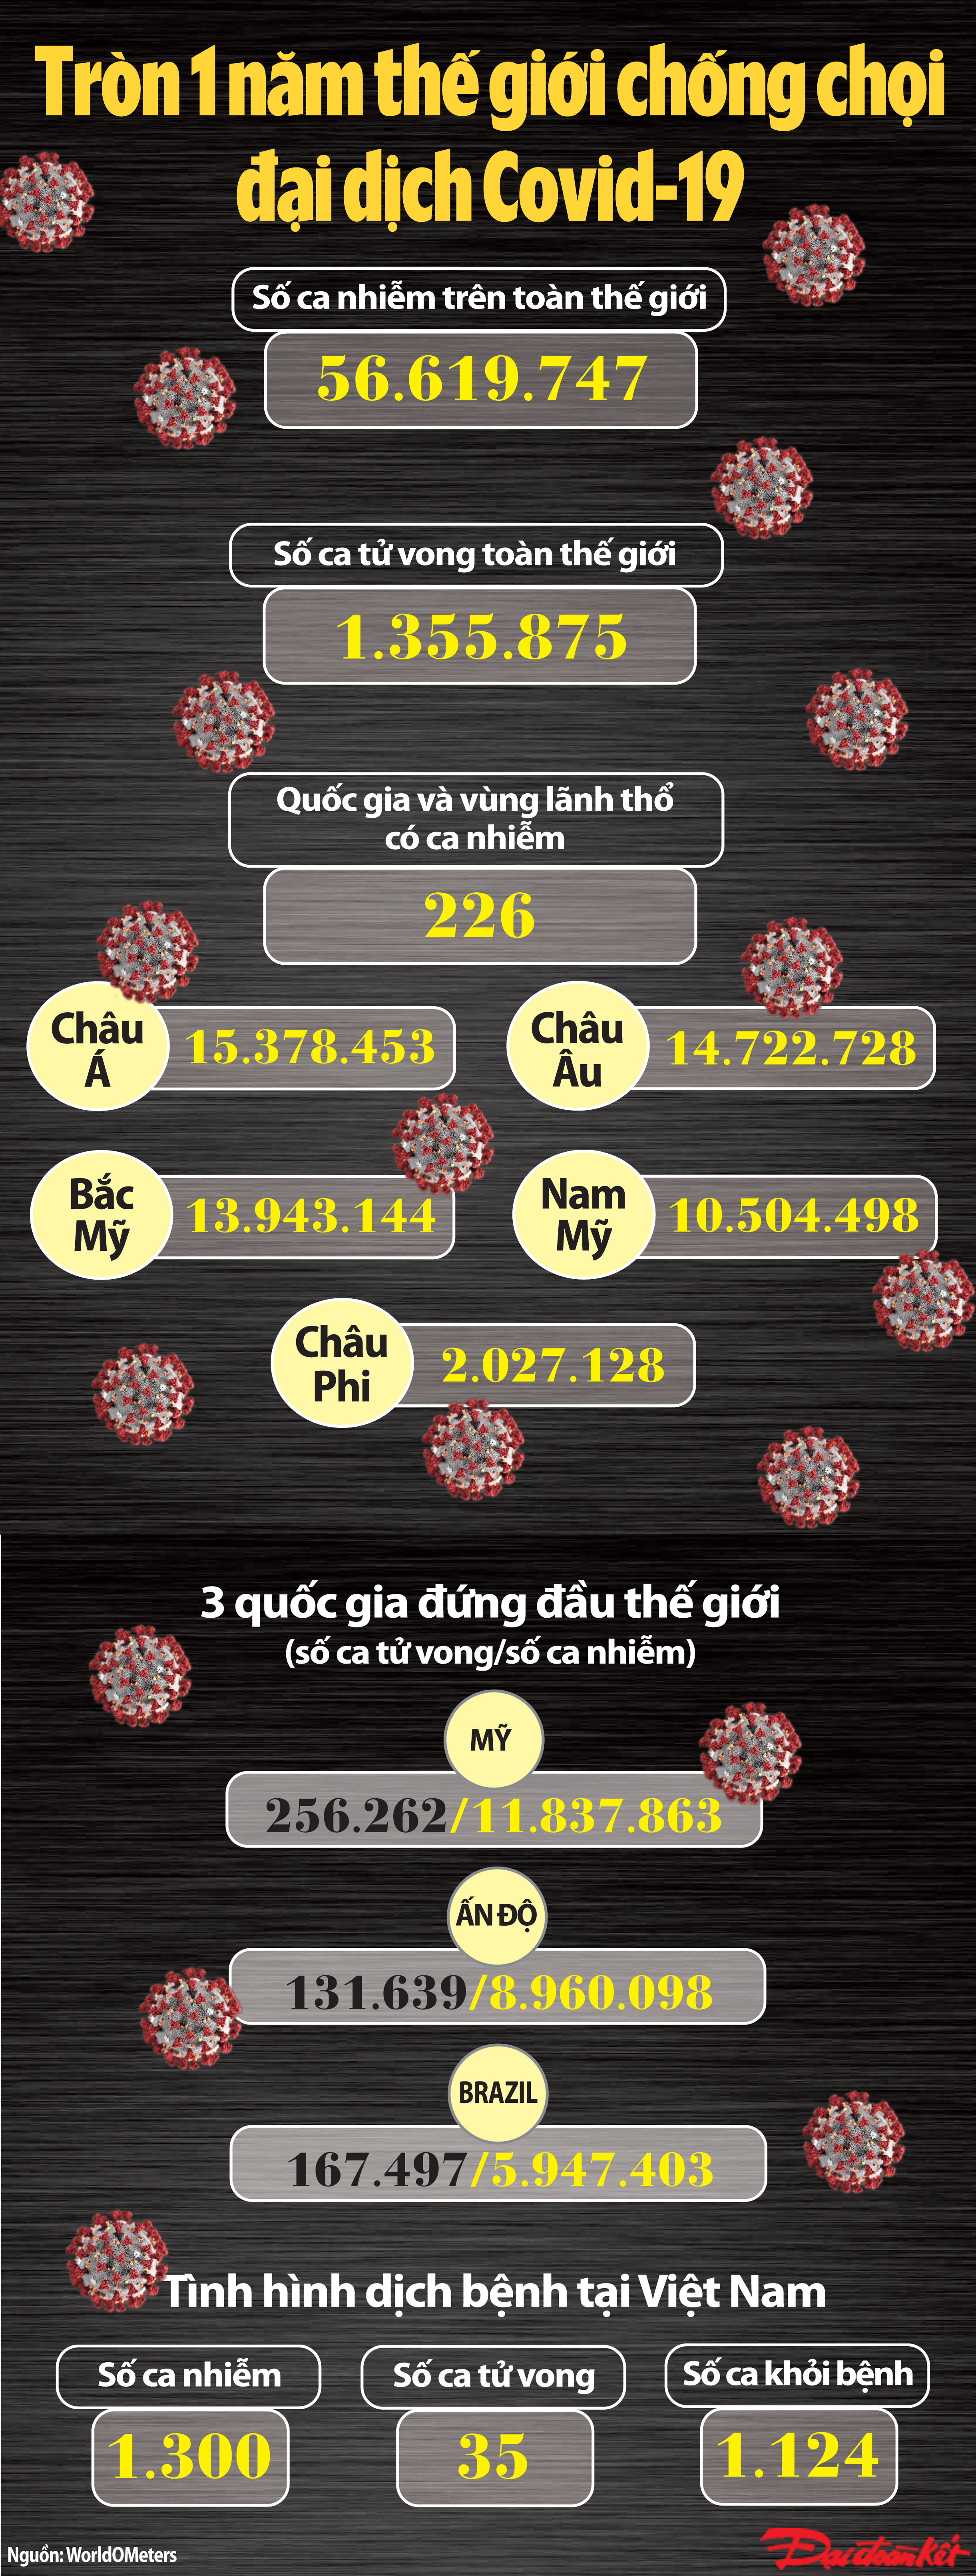 [Infographics]: Thế giới sau 1 năm xuất hiện đại dịch Covid-19 - Ảnh 1